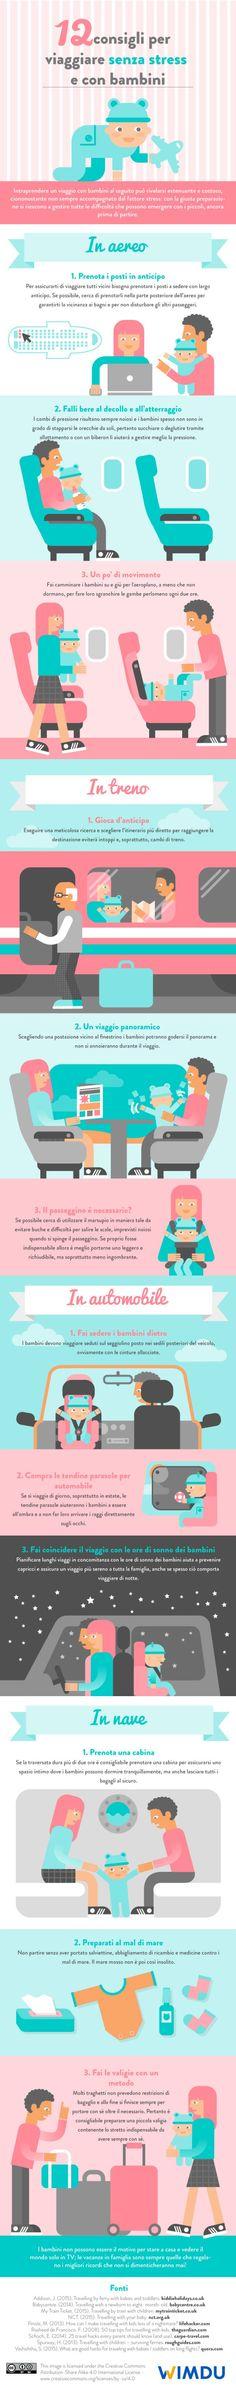 12 consigli per viaggiare senza stress e con bambini - An Infographic from Wimdu Blog